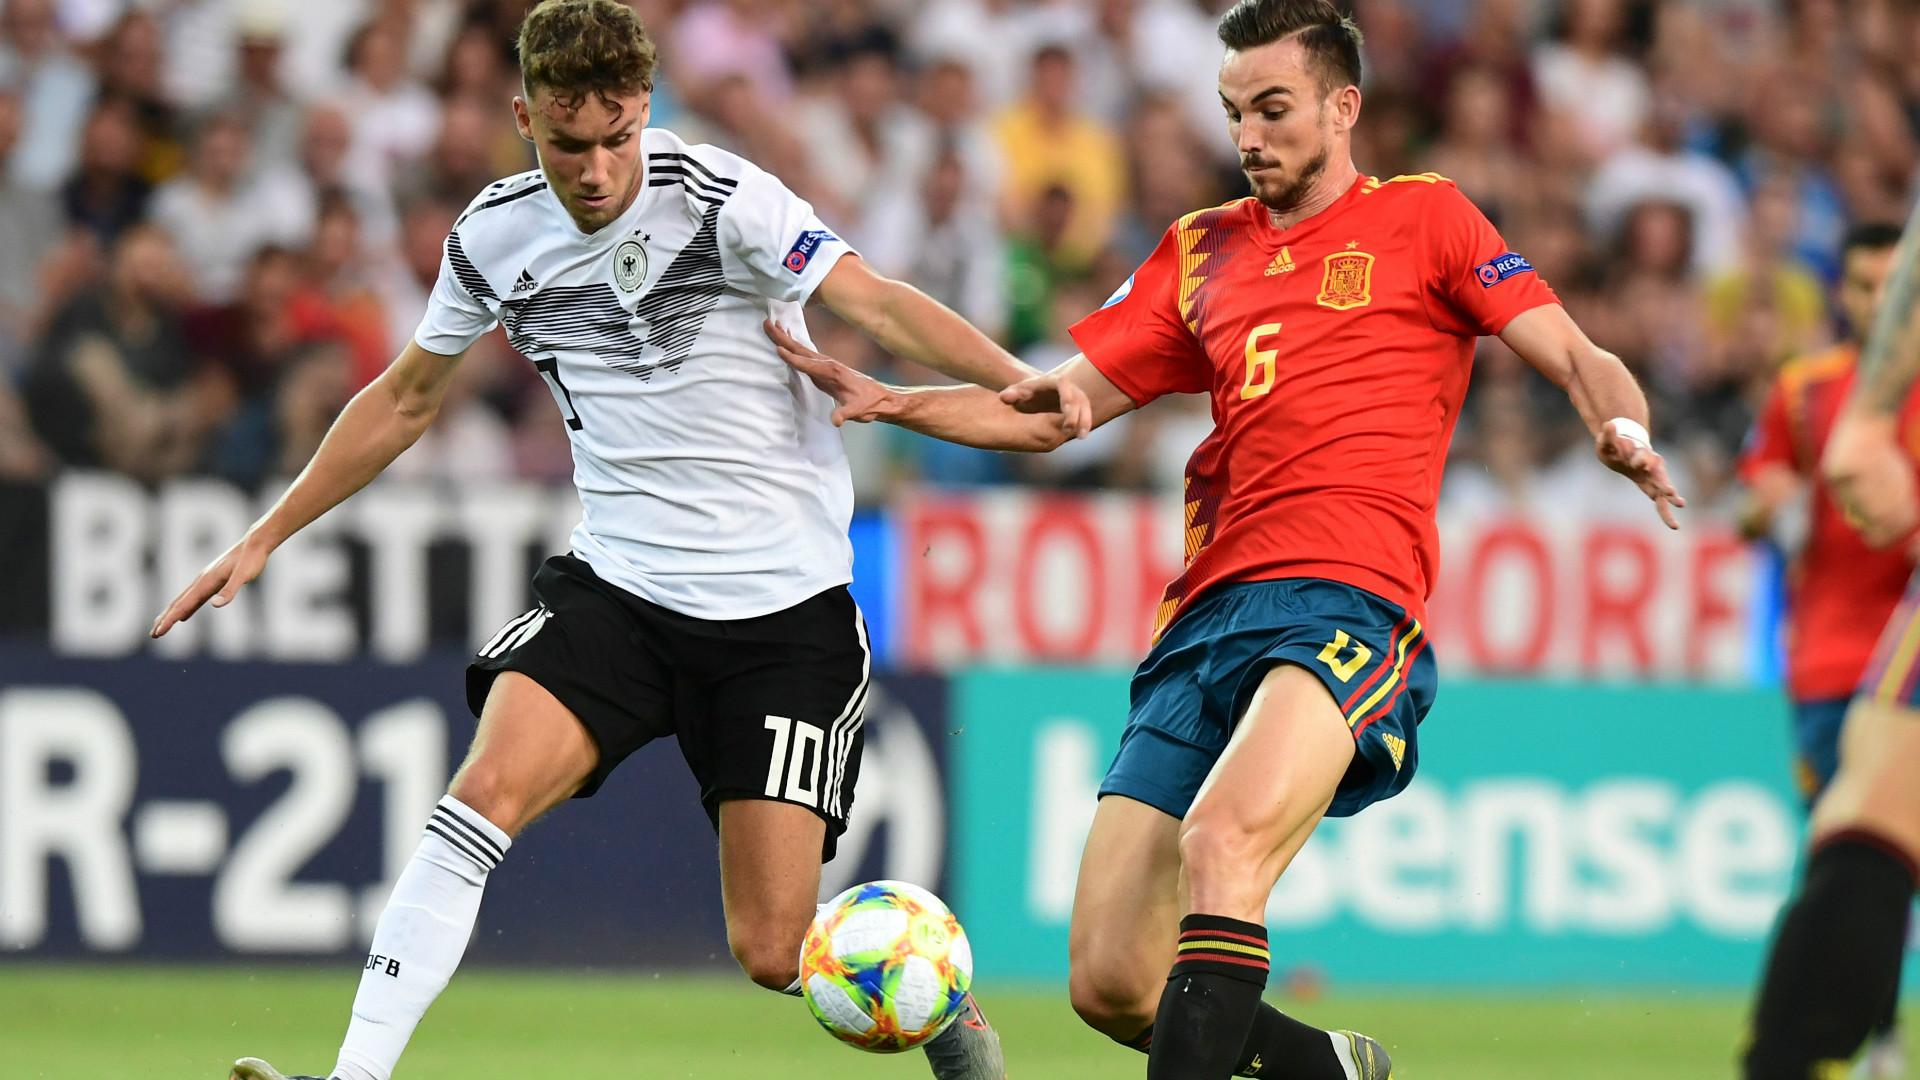 Espagne U21- Allemagne U21 2-1, la Rojita sur le sommet de l'Europe